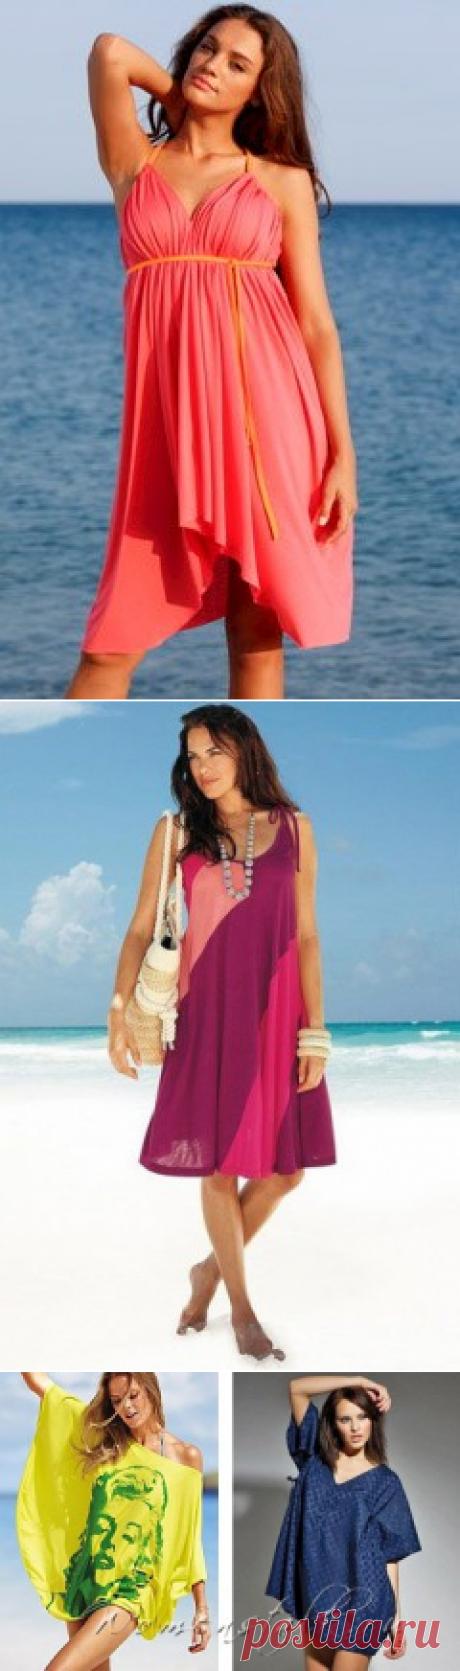 ¡Los vestidos de playa sin patrones es muy simplemente!